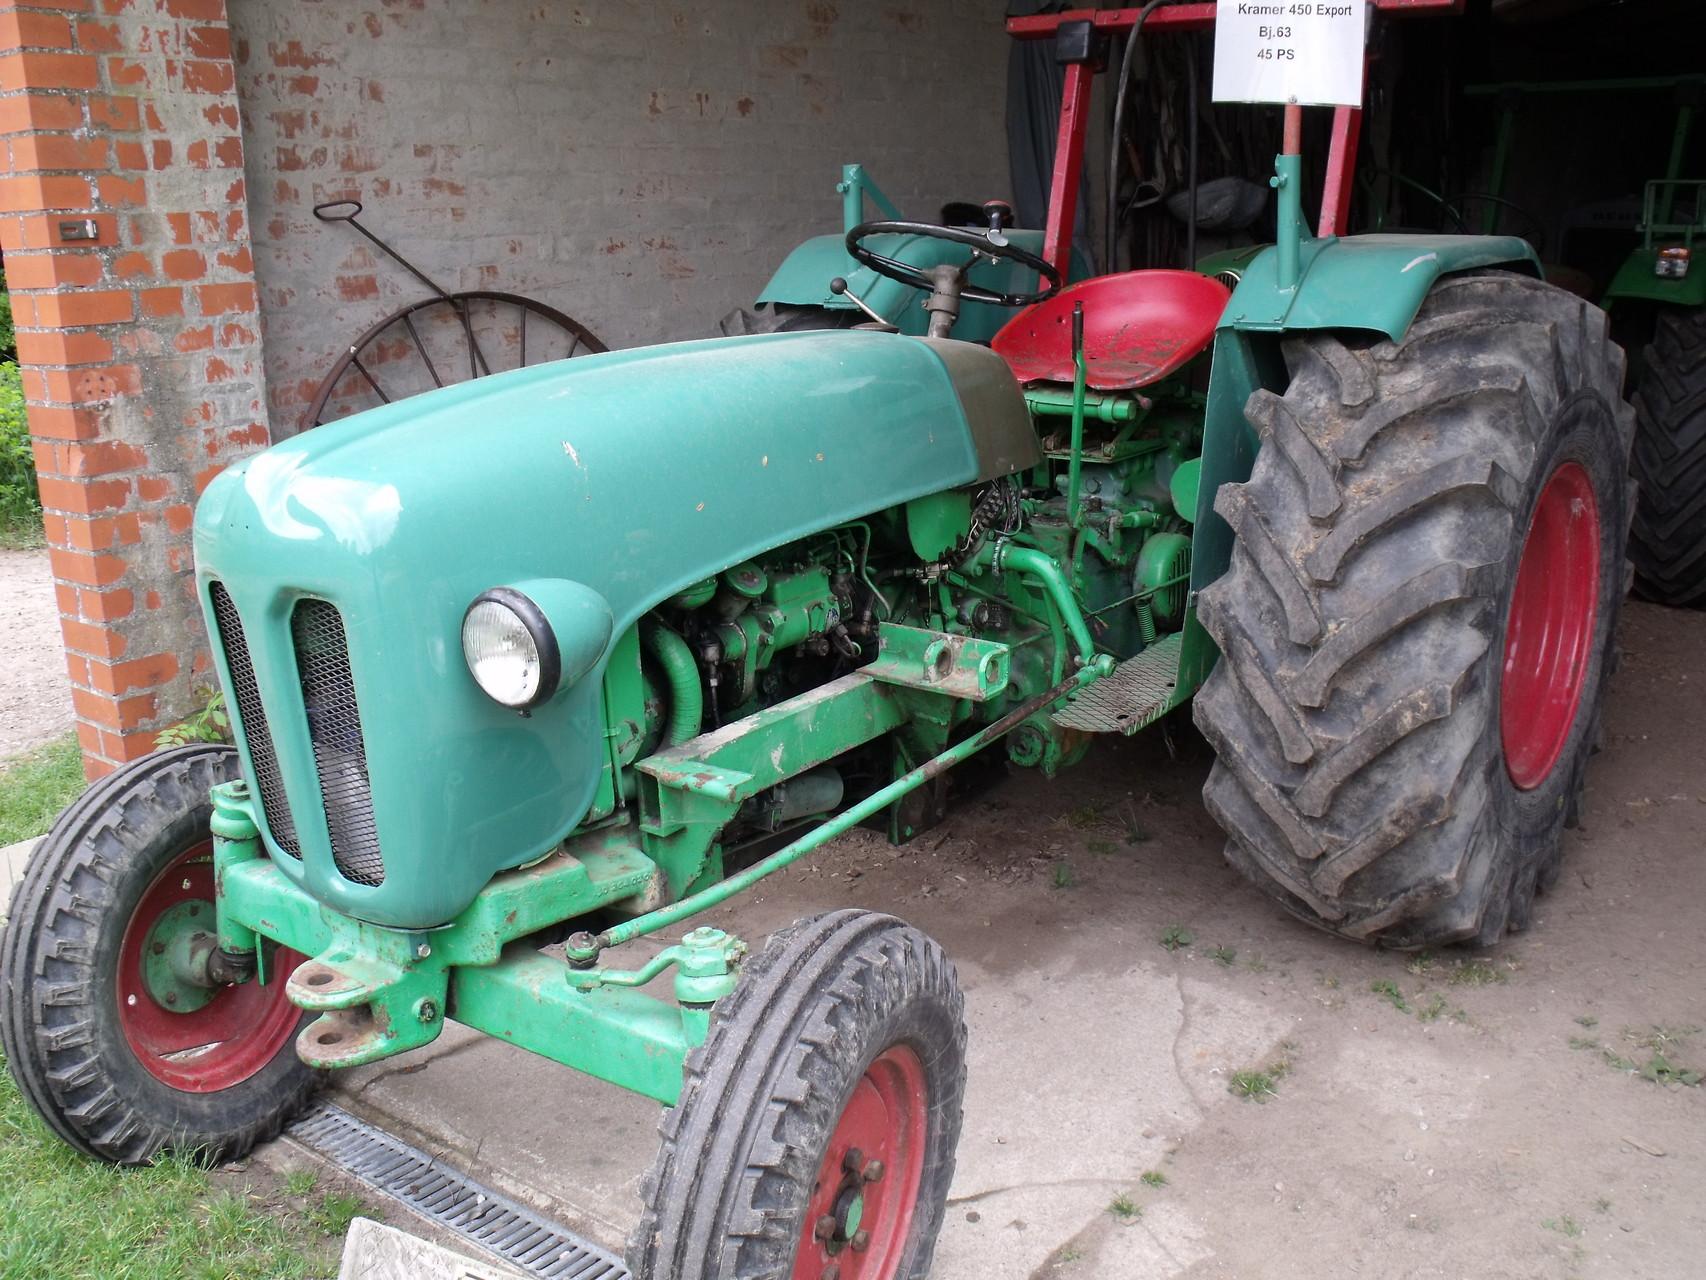 Kramer 450 Export BJ 1963 45PS